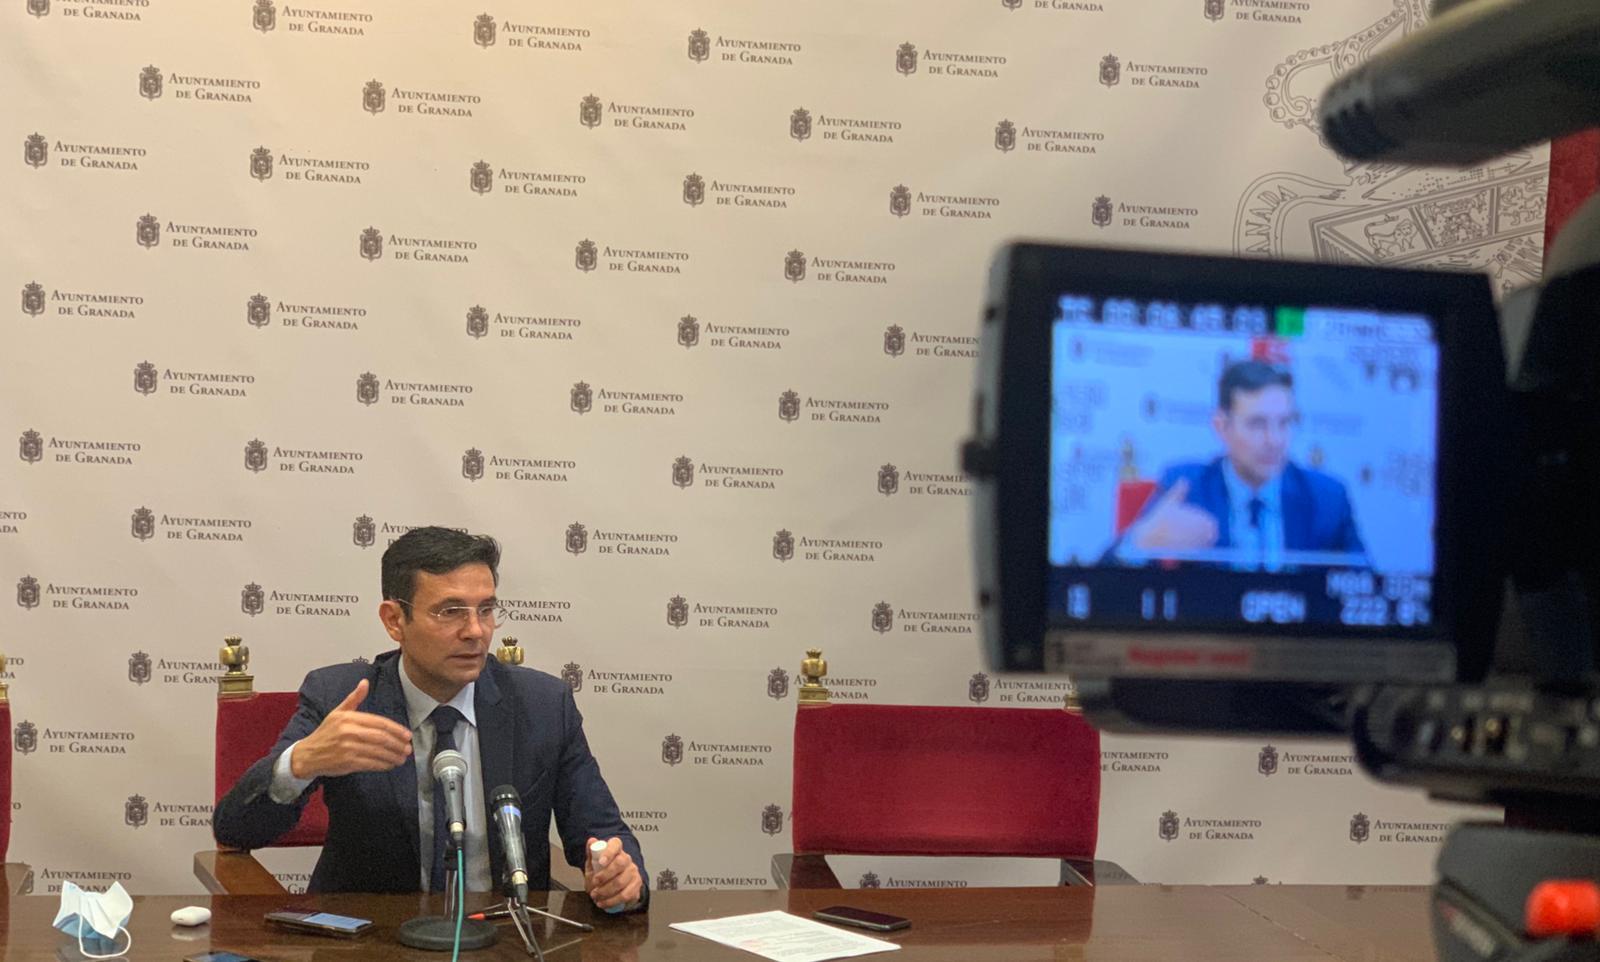 Cuenca cree que en el año de mandato de Salvador lo único positivo ha sido el acuerdo de presupuestos posibilitado por el PSOE